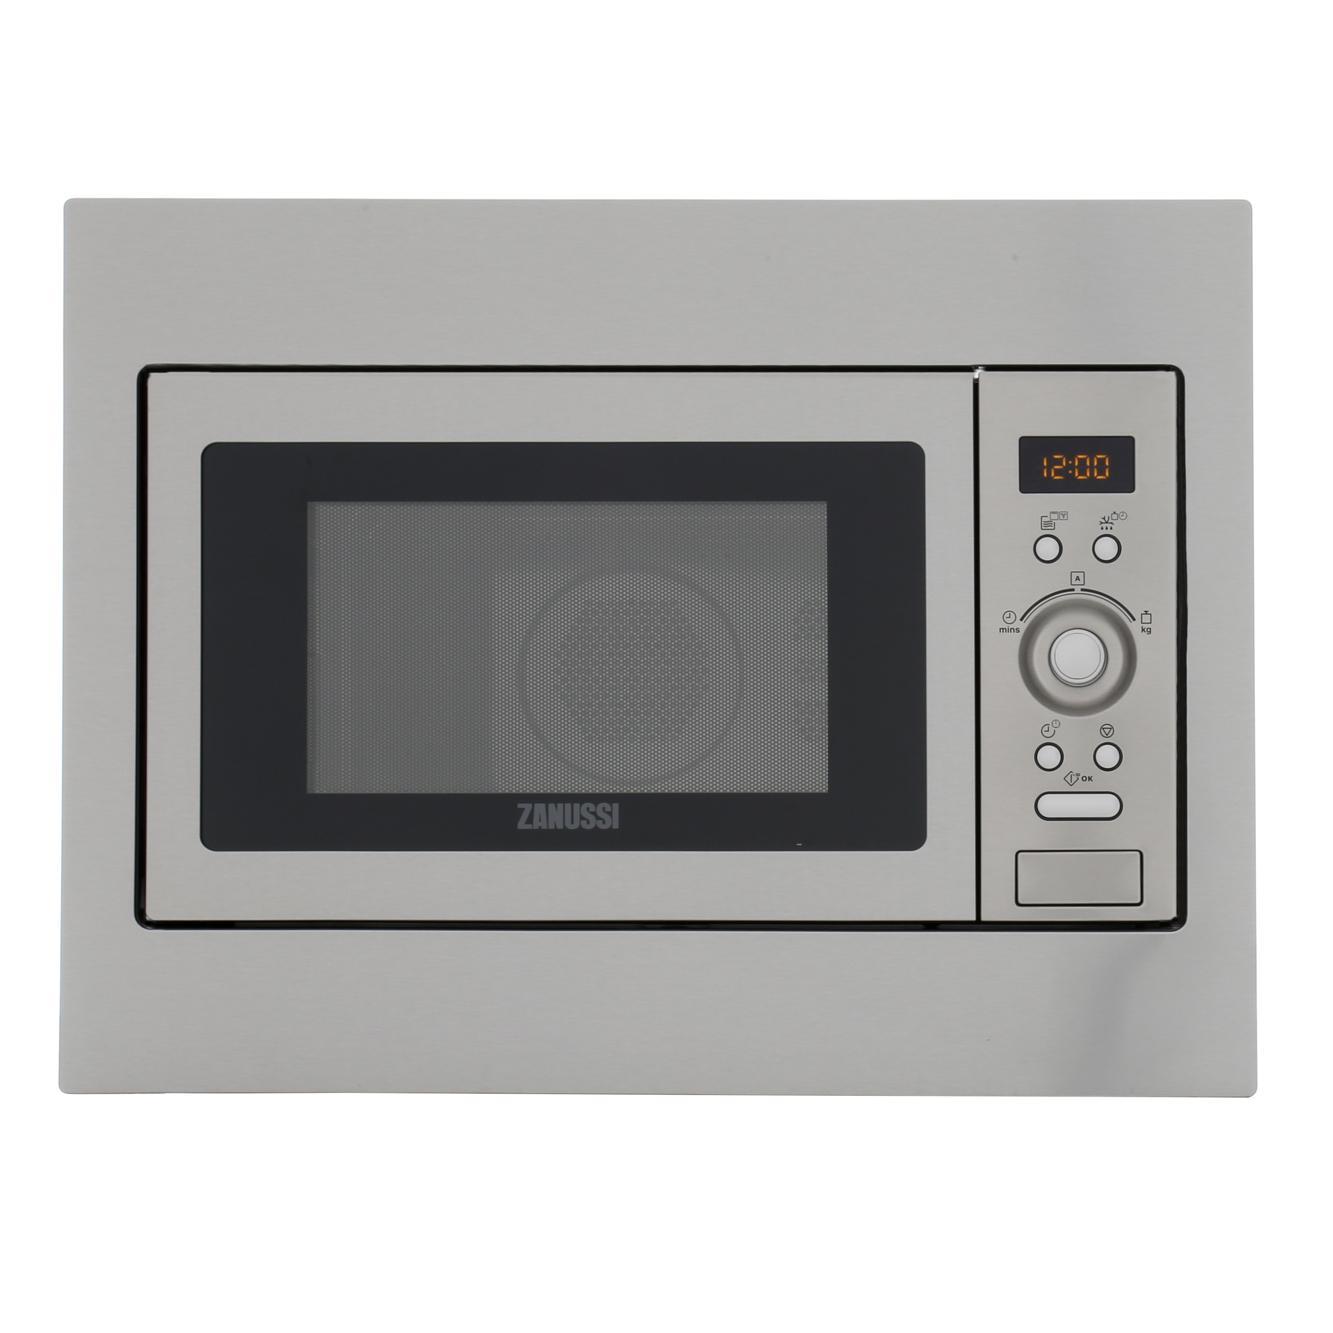 Zanussi ZSC25259XA Built In Combination Microwave